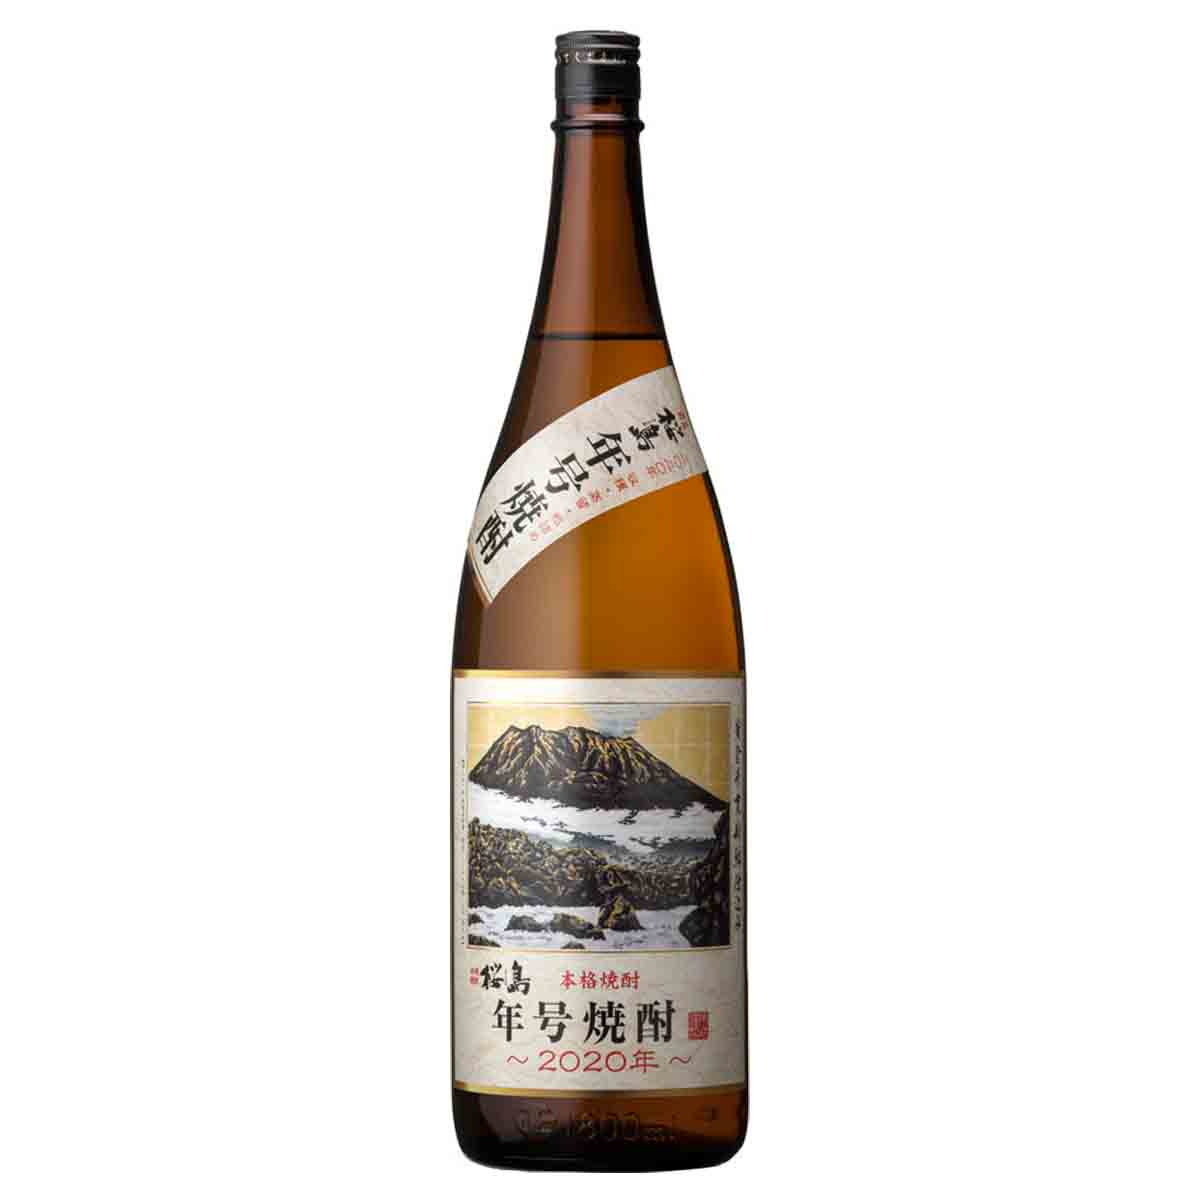 桜島年号焼酎2020 1.8L